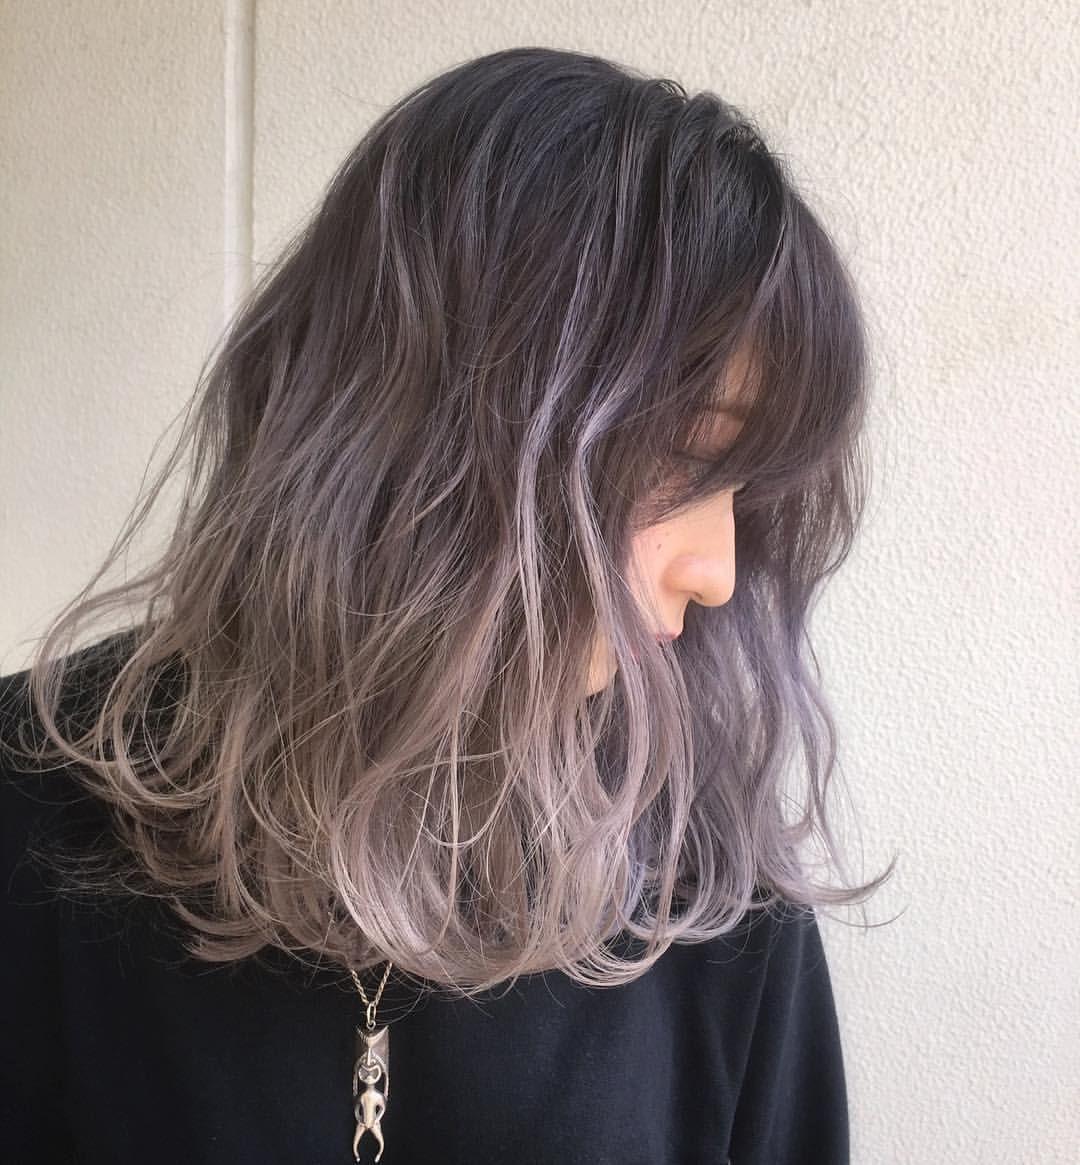 ヘアカラー おしゃれまとめの人気アイデア Pinterest Asami Kamoshida 画像あり ヘアスタイリング 短い髪のためのヘアスタイル レディース パーマヘア